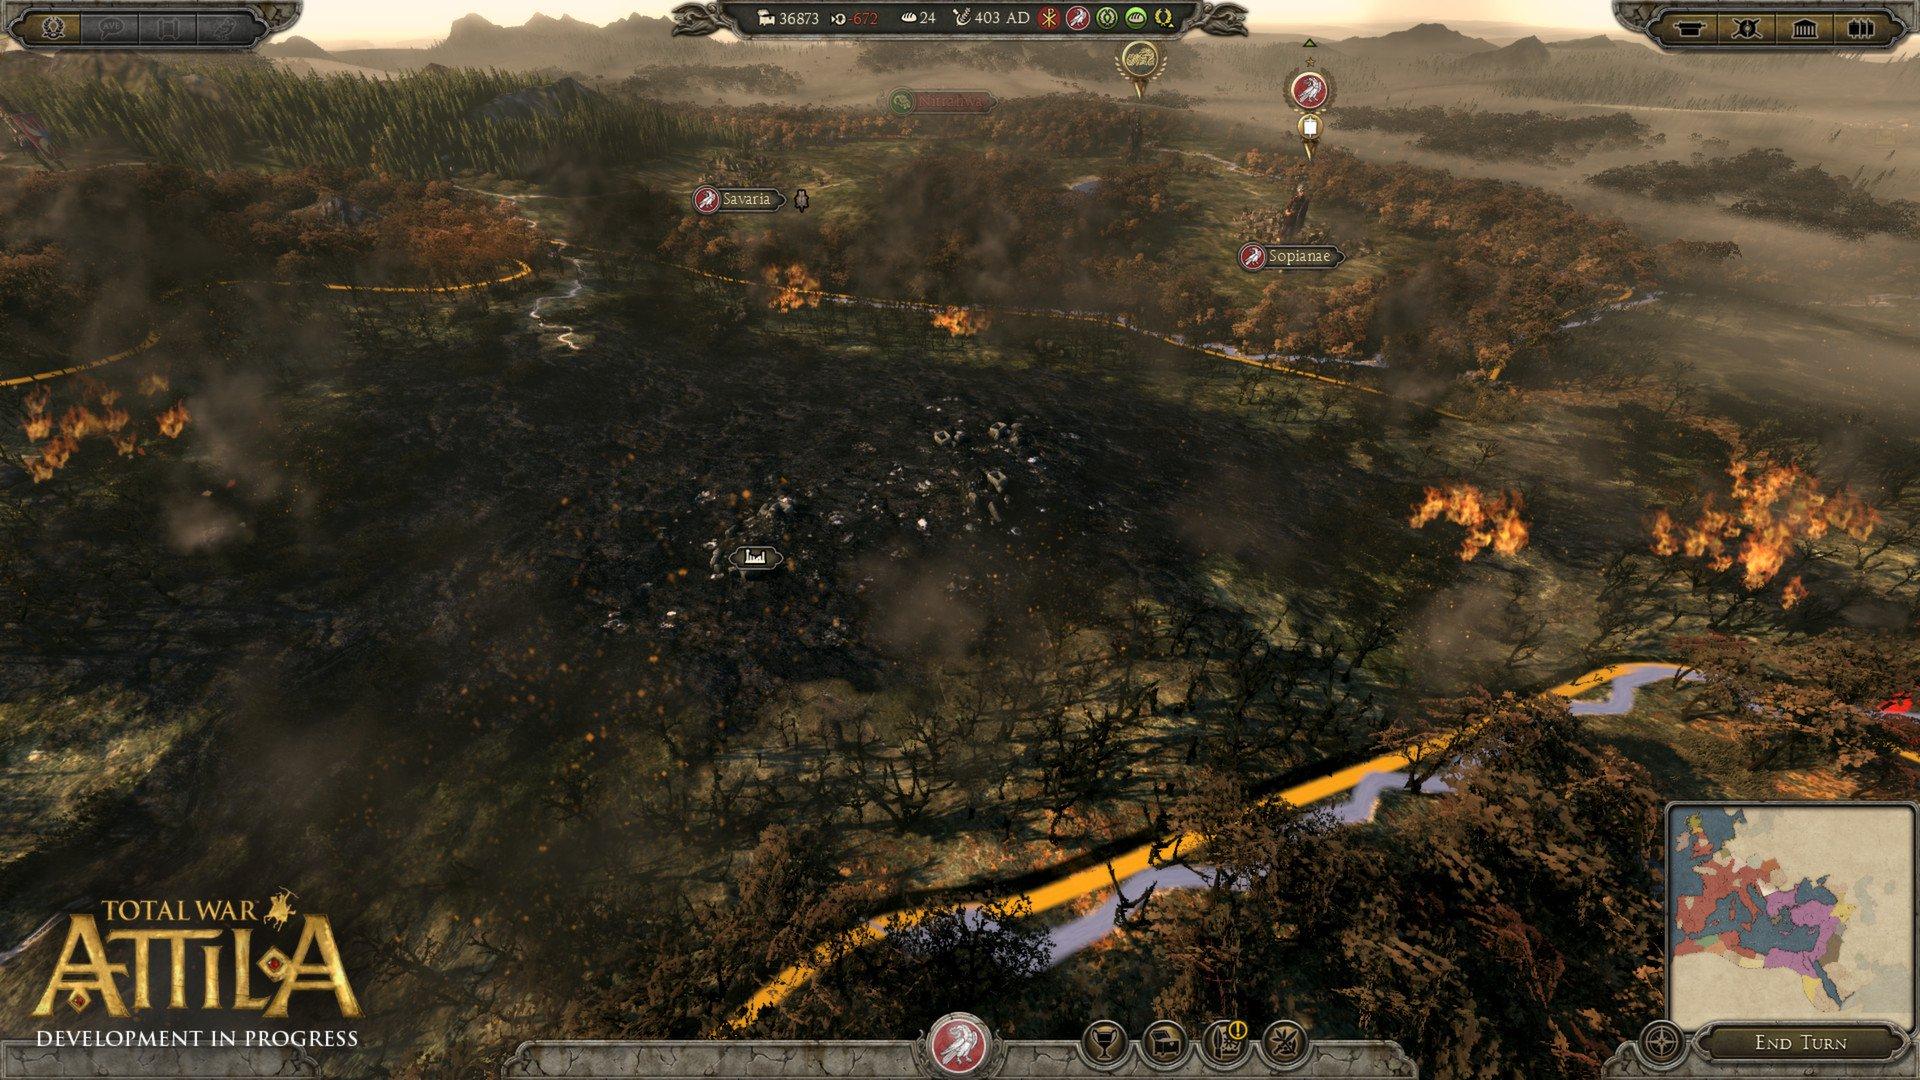 Total War Attila 9